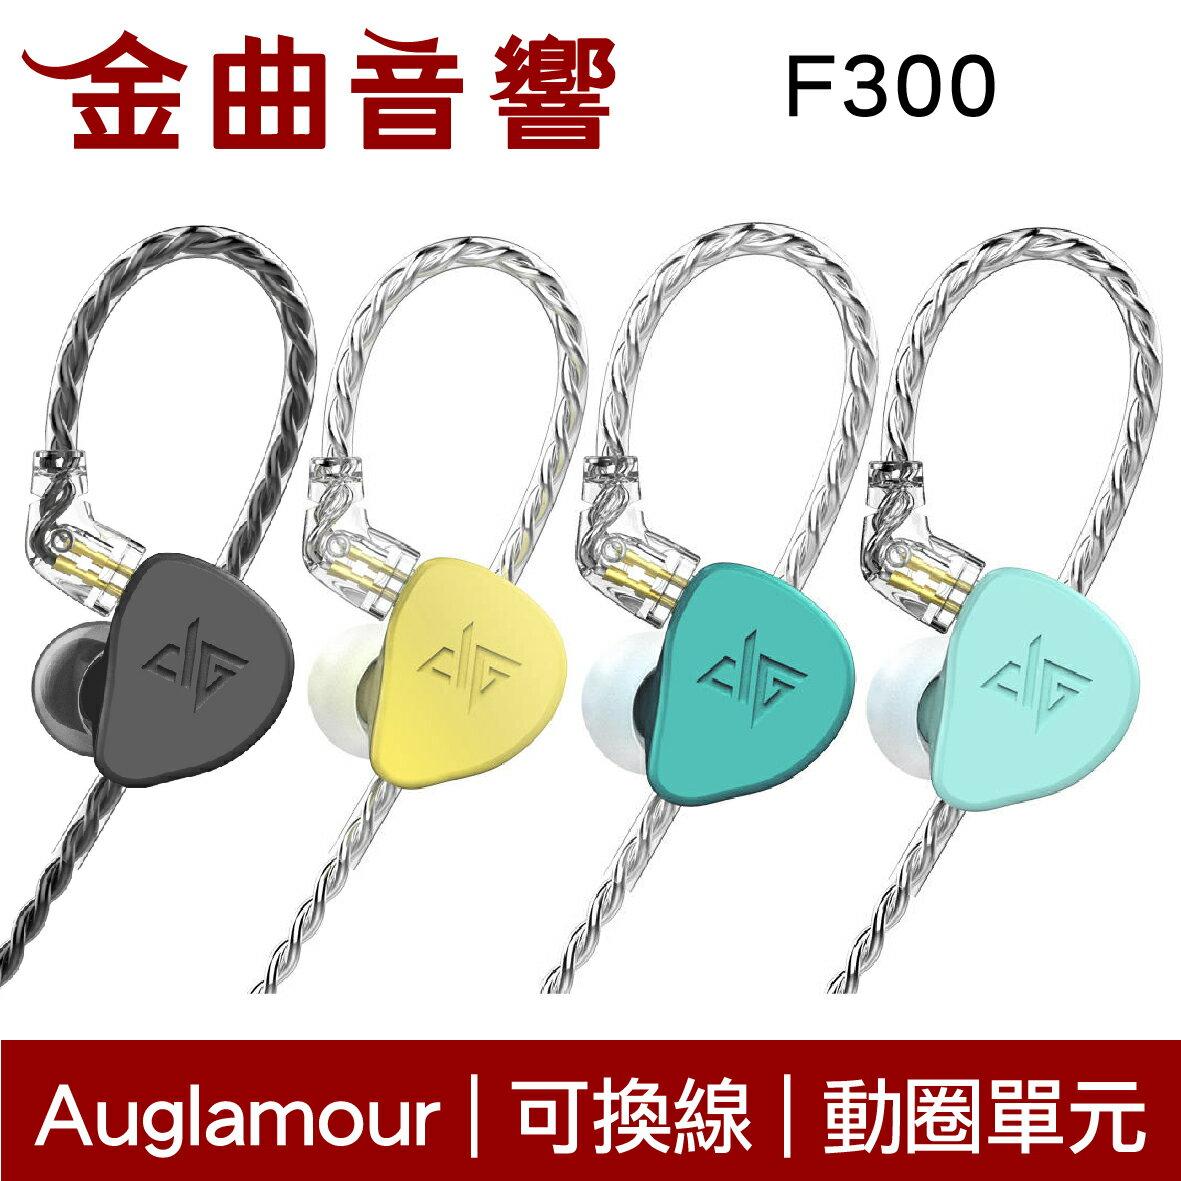 Auglamour 徠聲 F300 櫻草黃 耳道式耳機 可換線 | 金曲音響